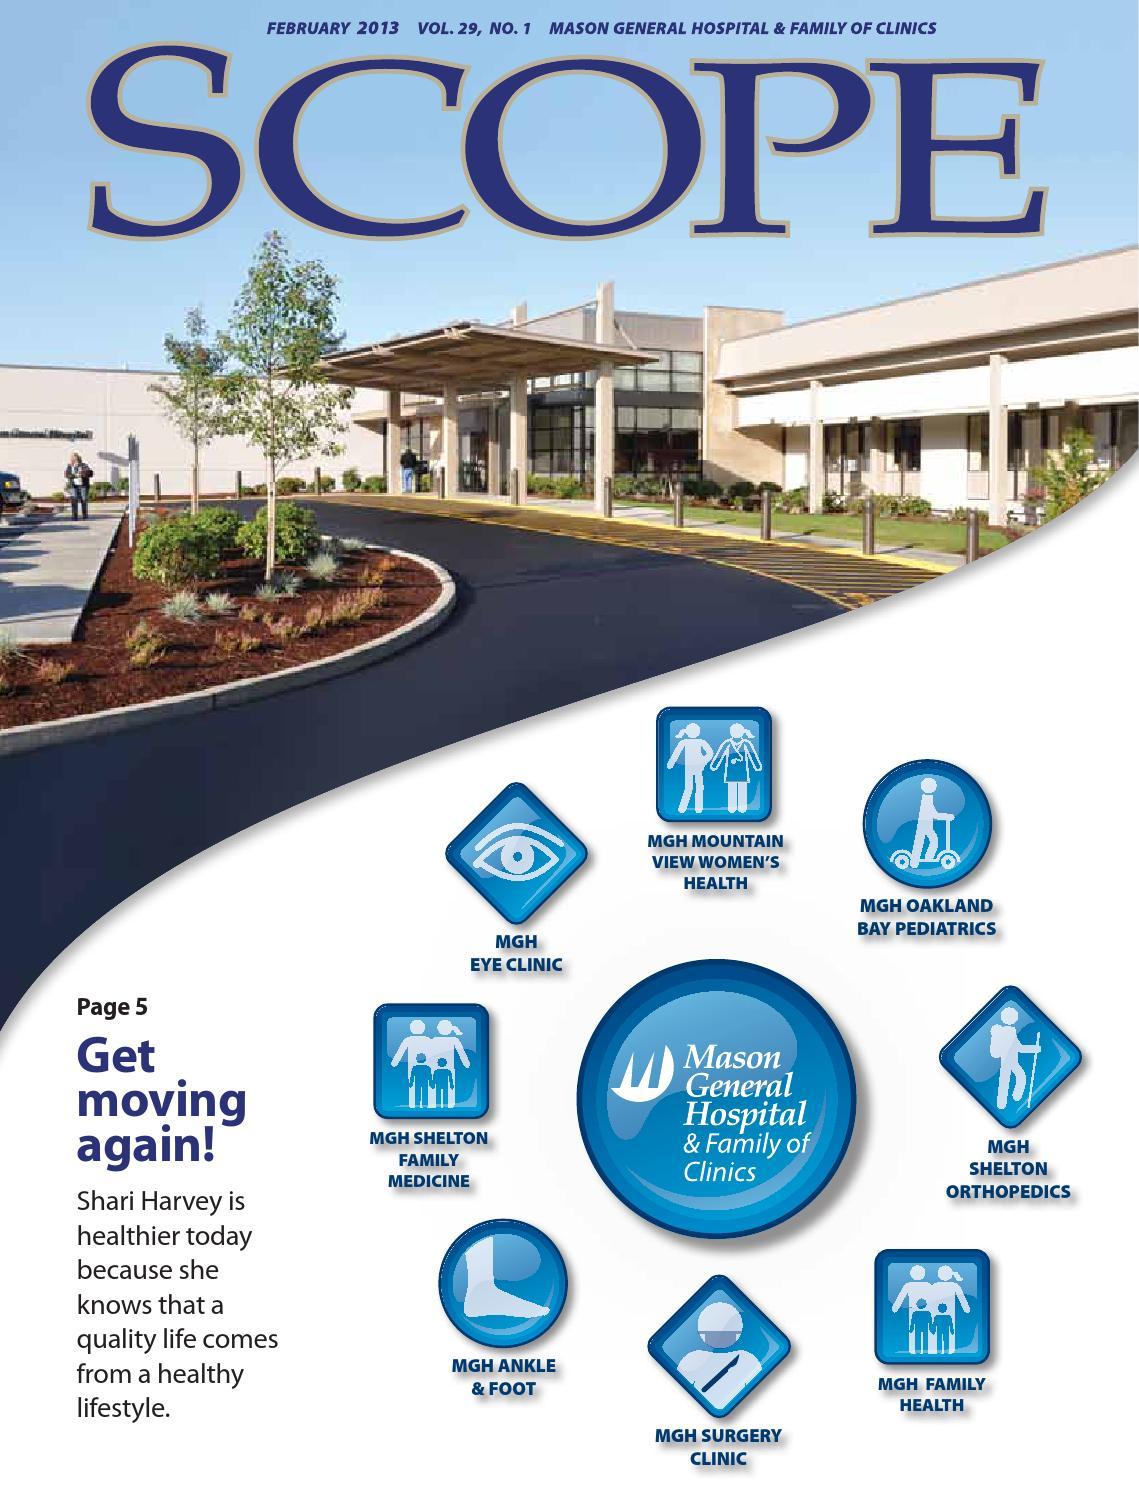 SCOPE Magazine February 2013 by Mason General Hospital